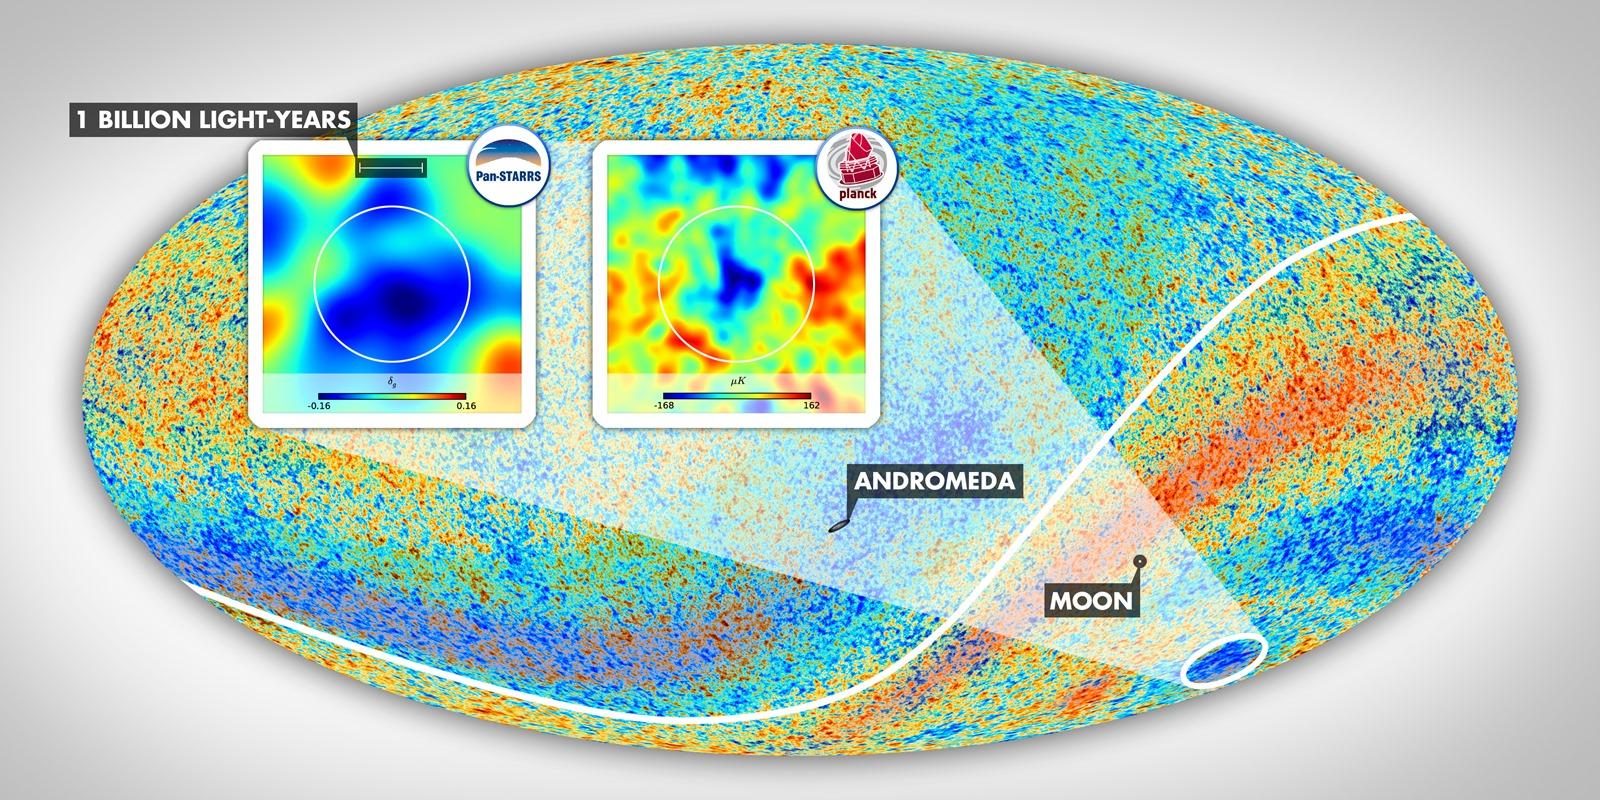 La plus grande structure connue dans l'Univers est Vide